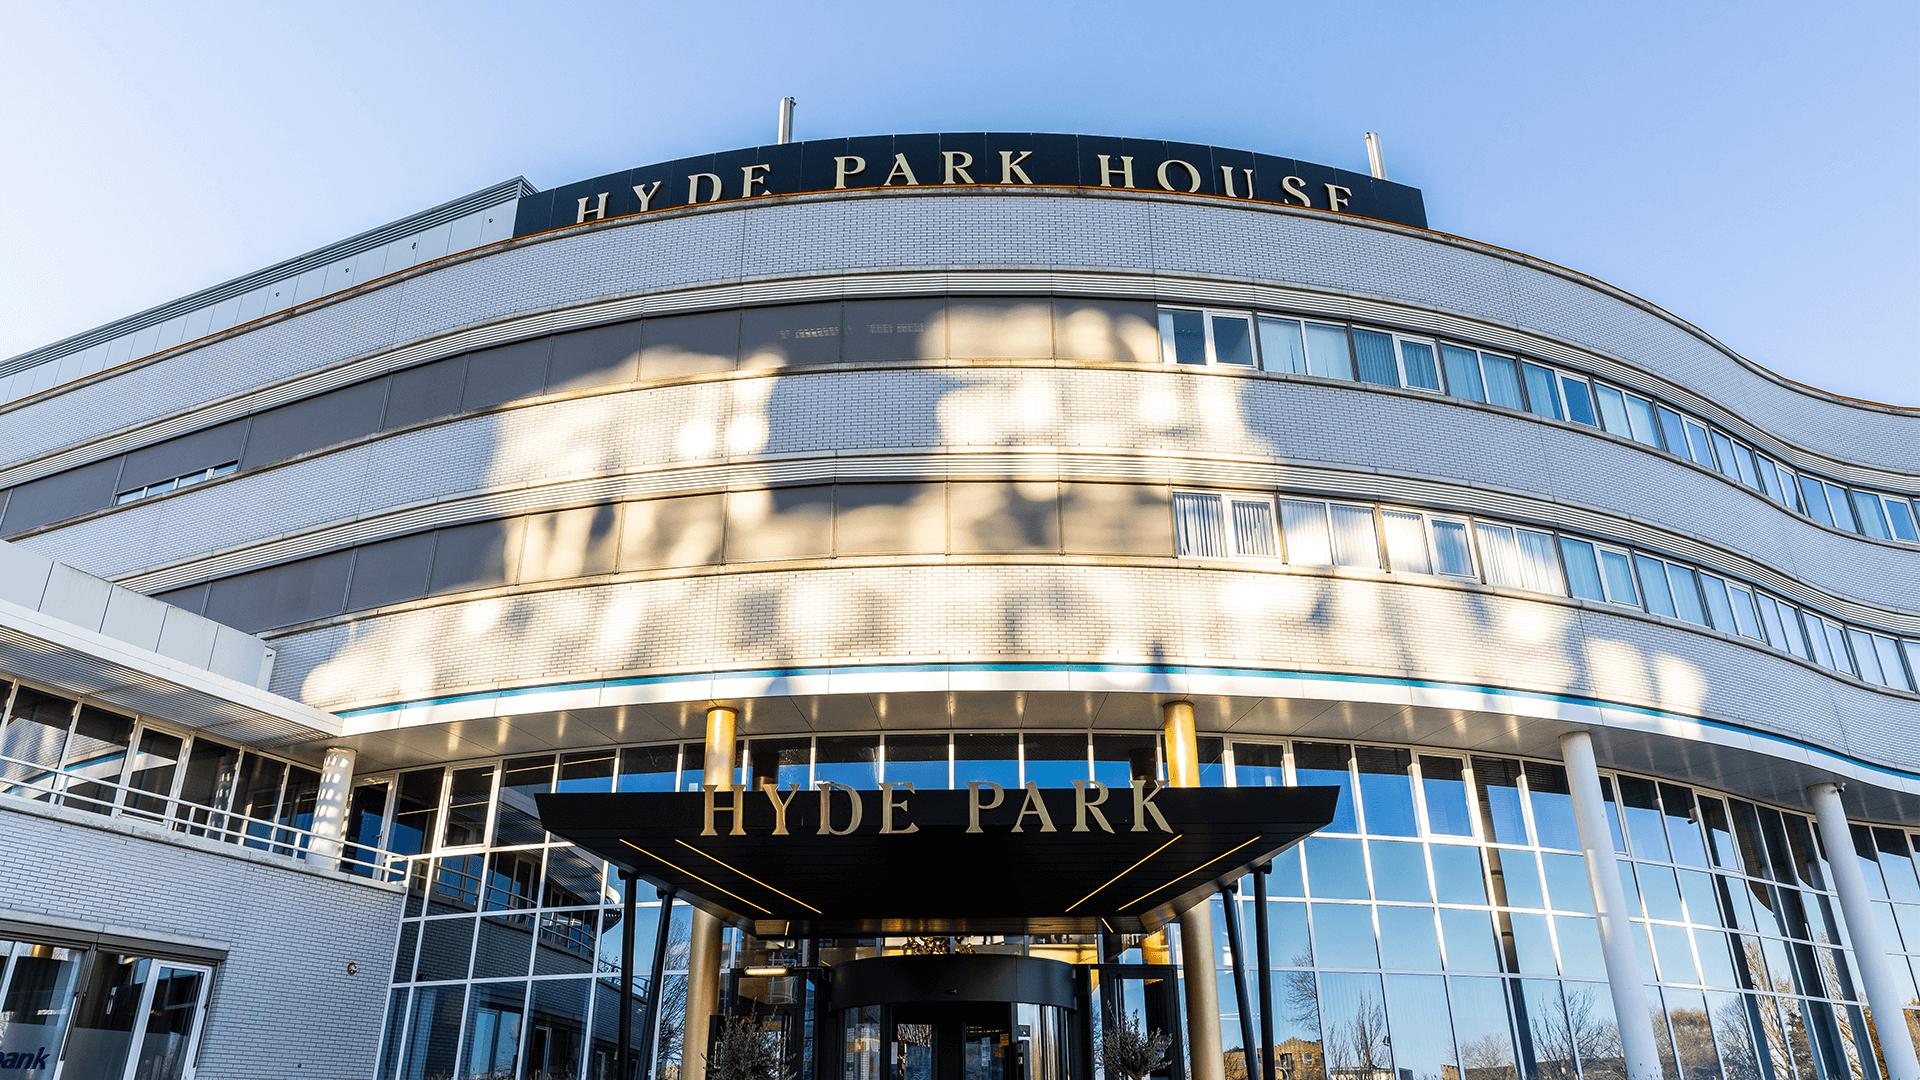 Hyde park house